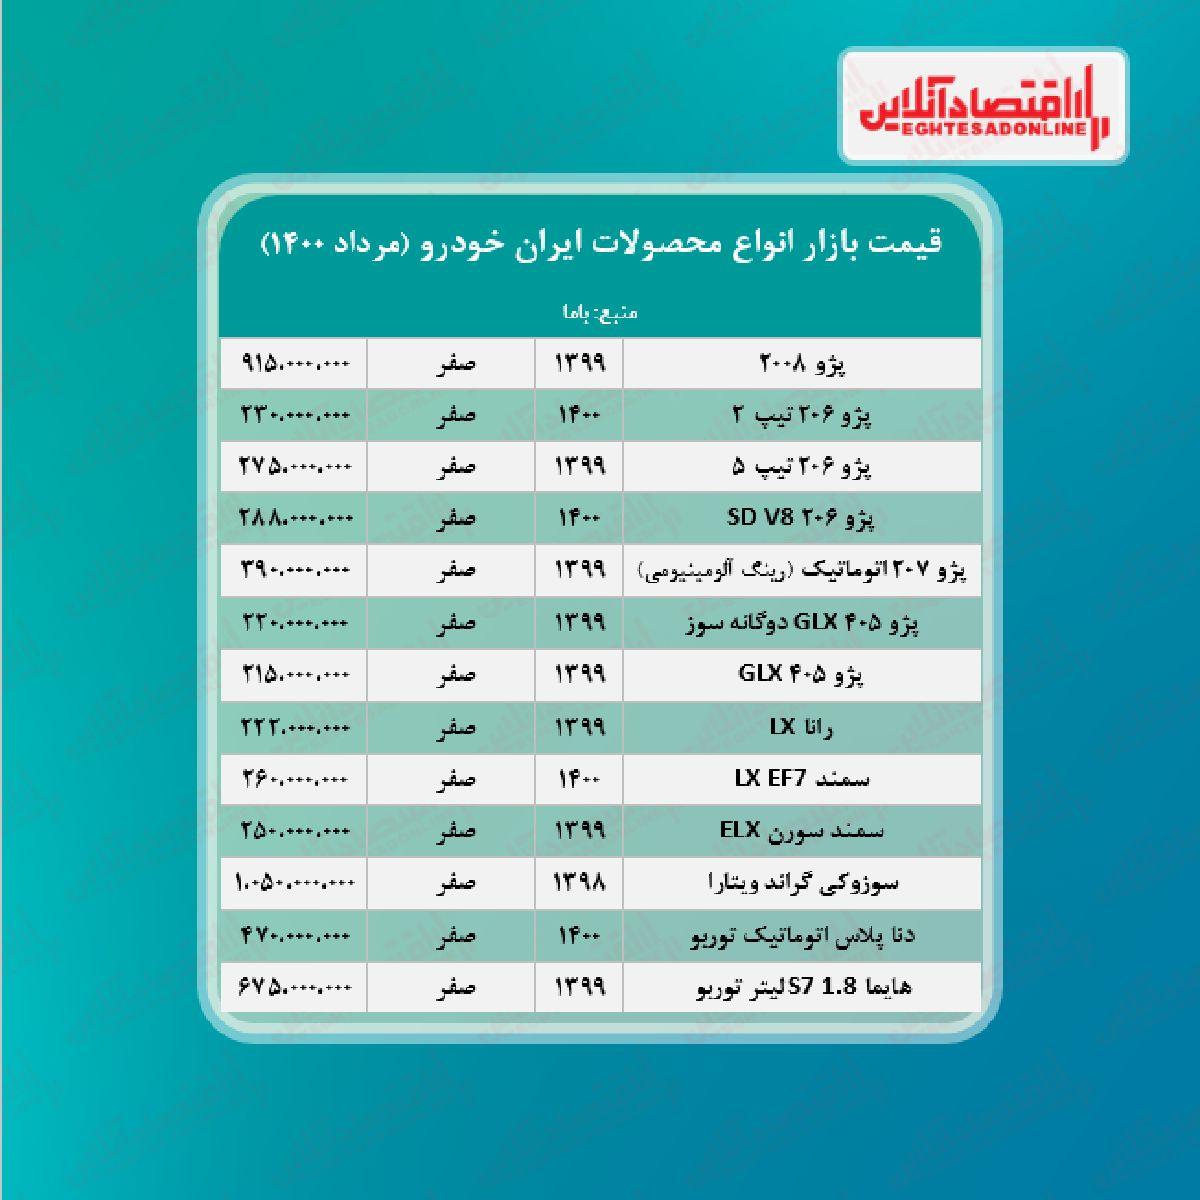 قیمت محصولات ایران خودرو امروز ۱۴۰۰/۵/۱۱